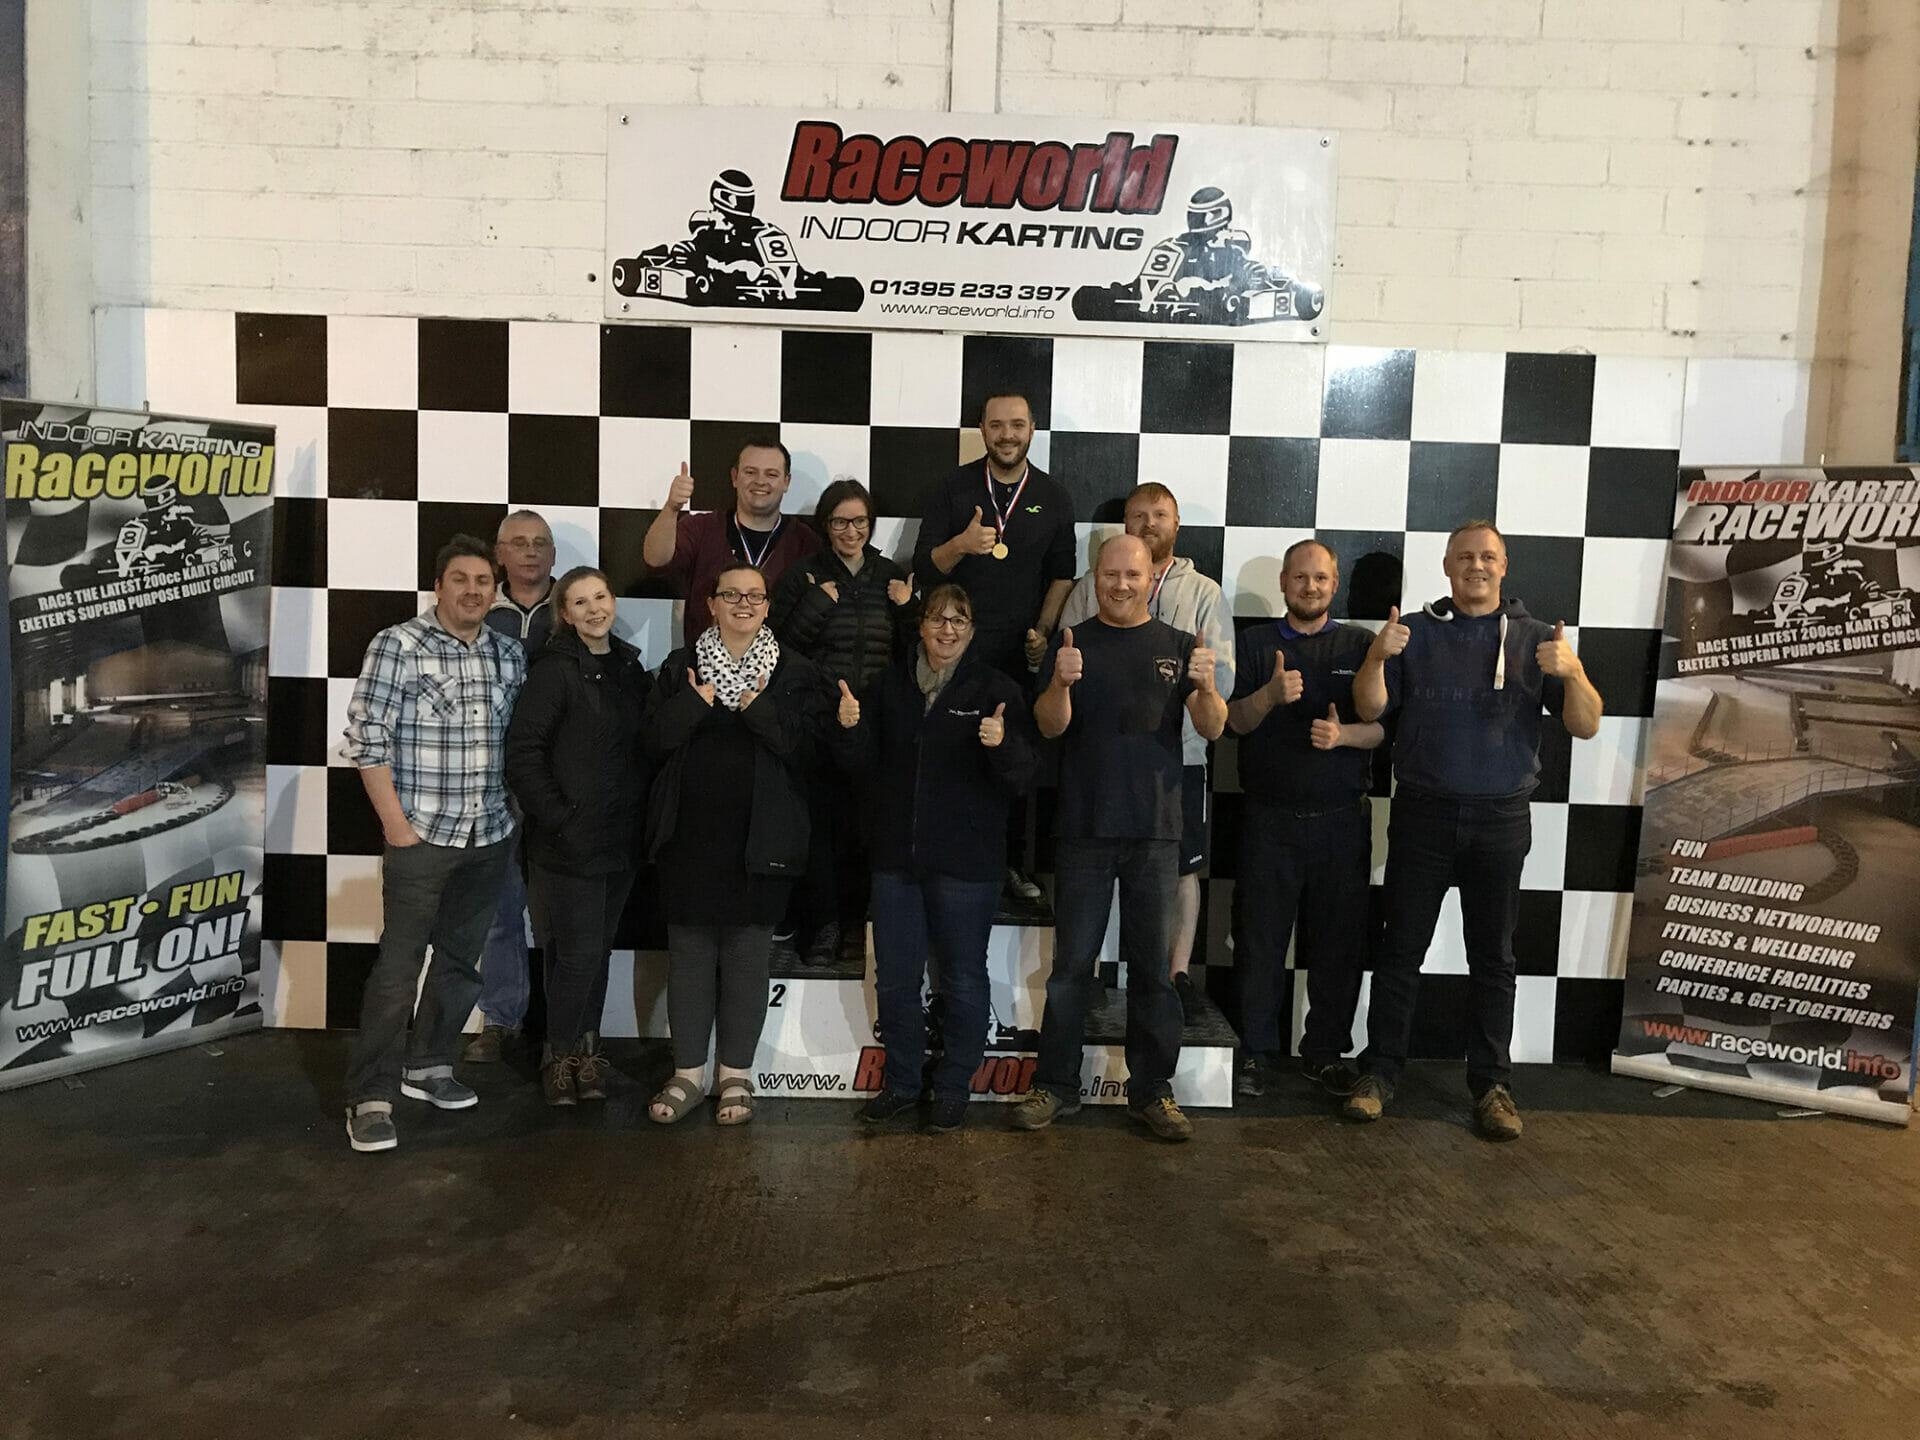 christmas-karting-fun-team